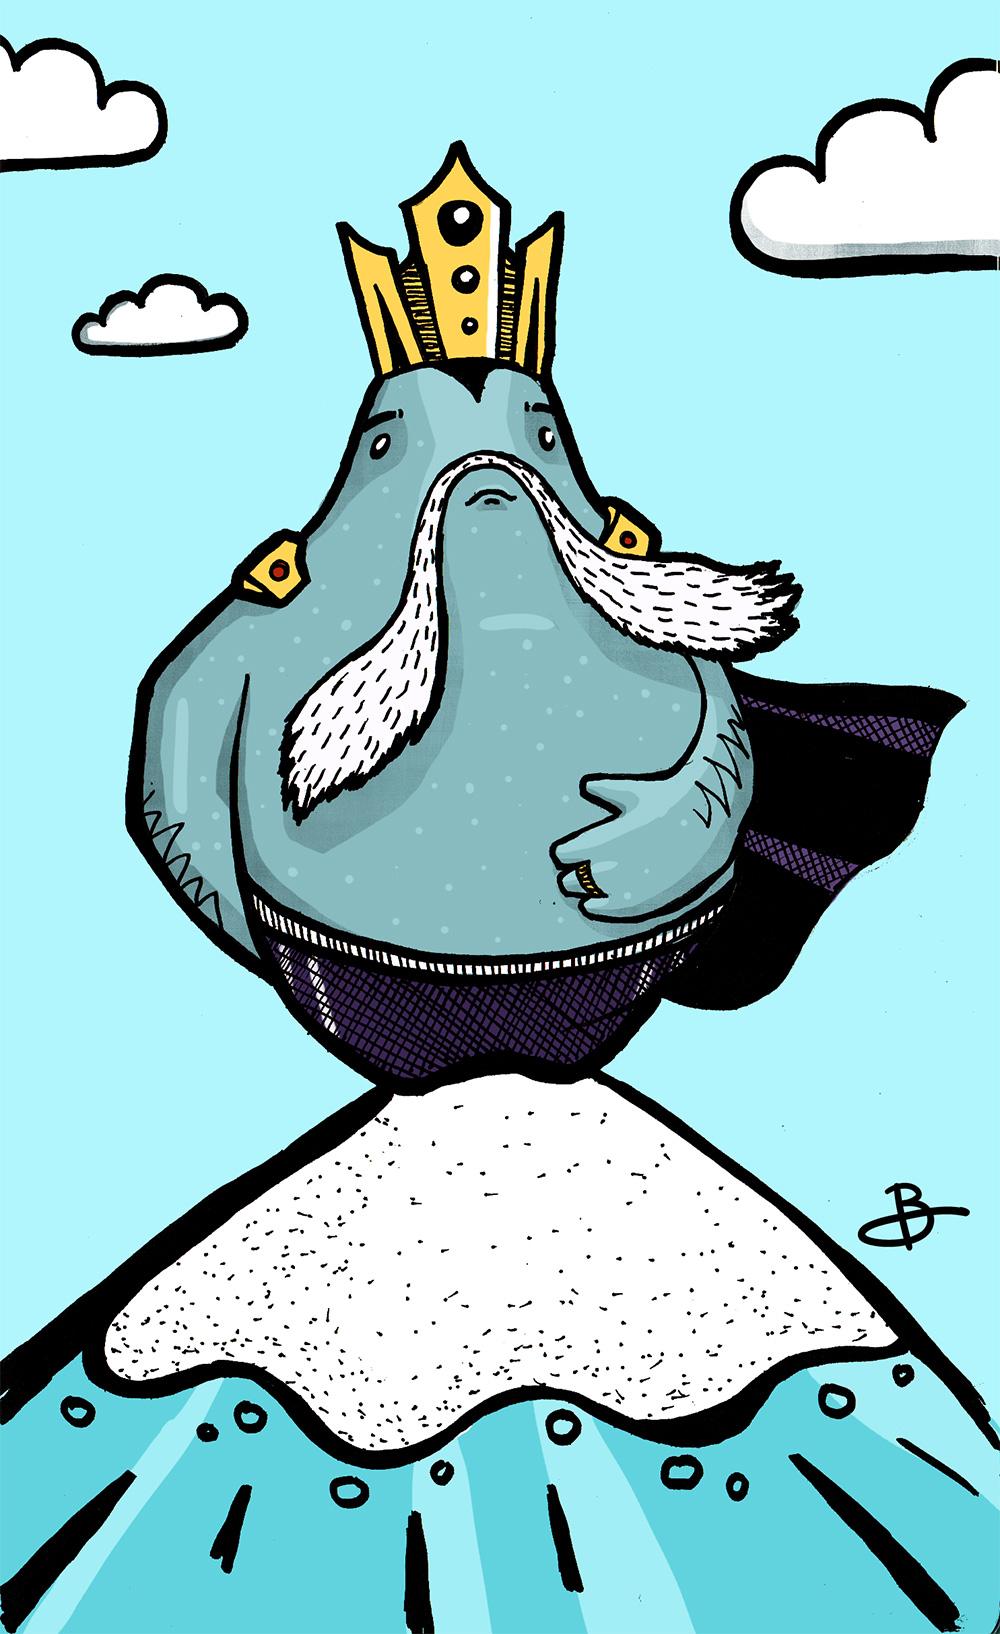 King Fish illustration